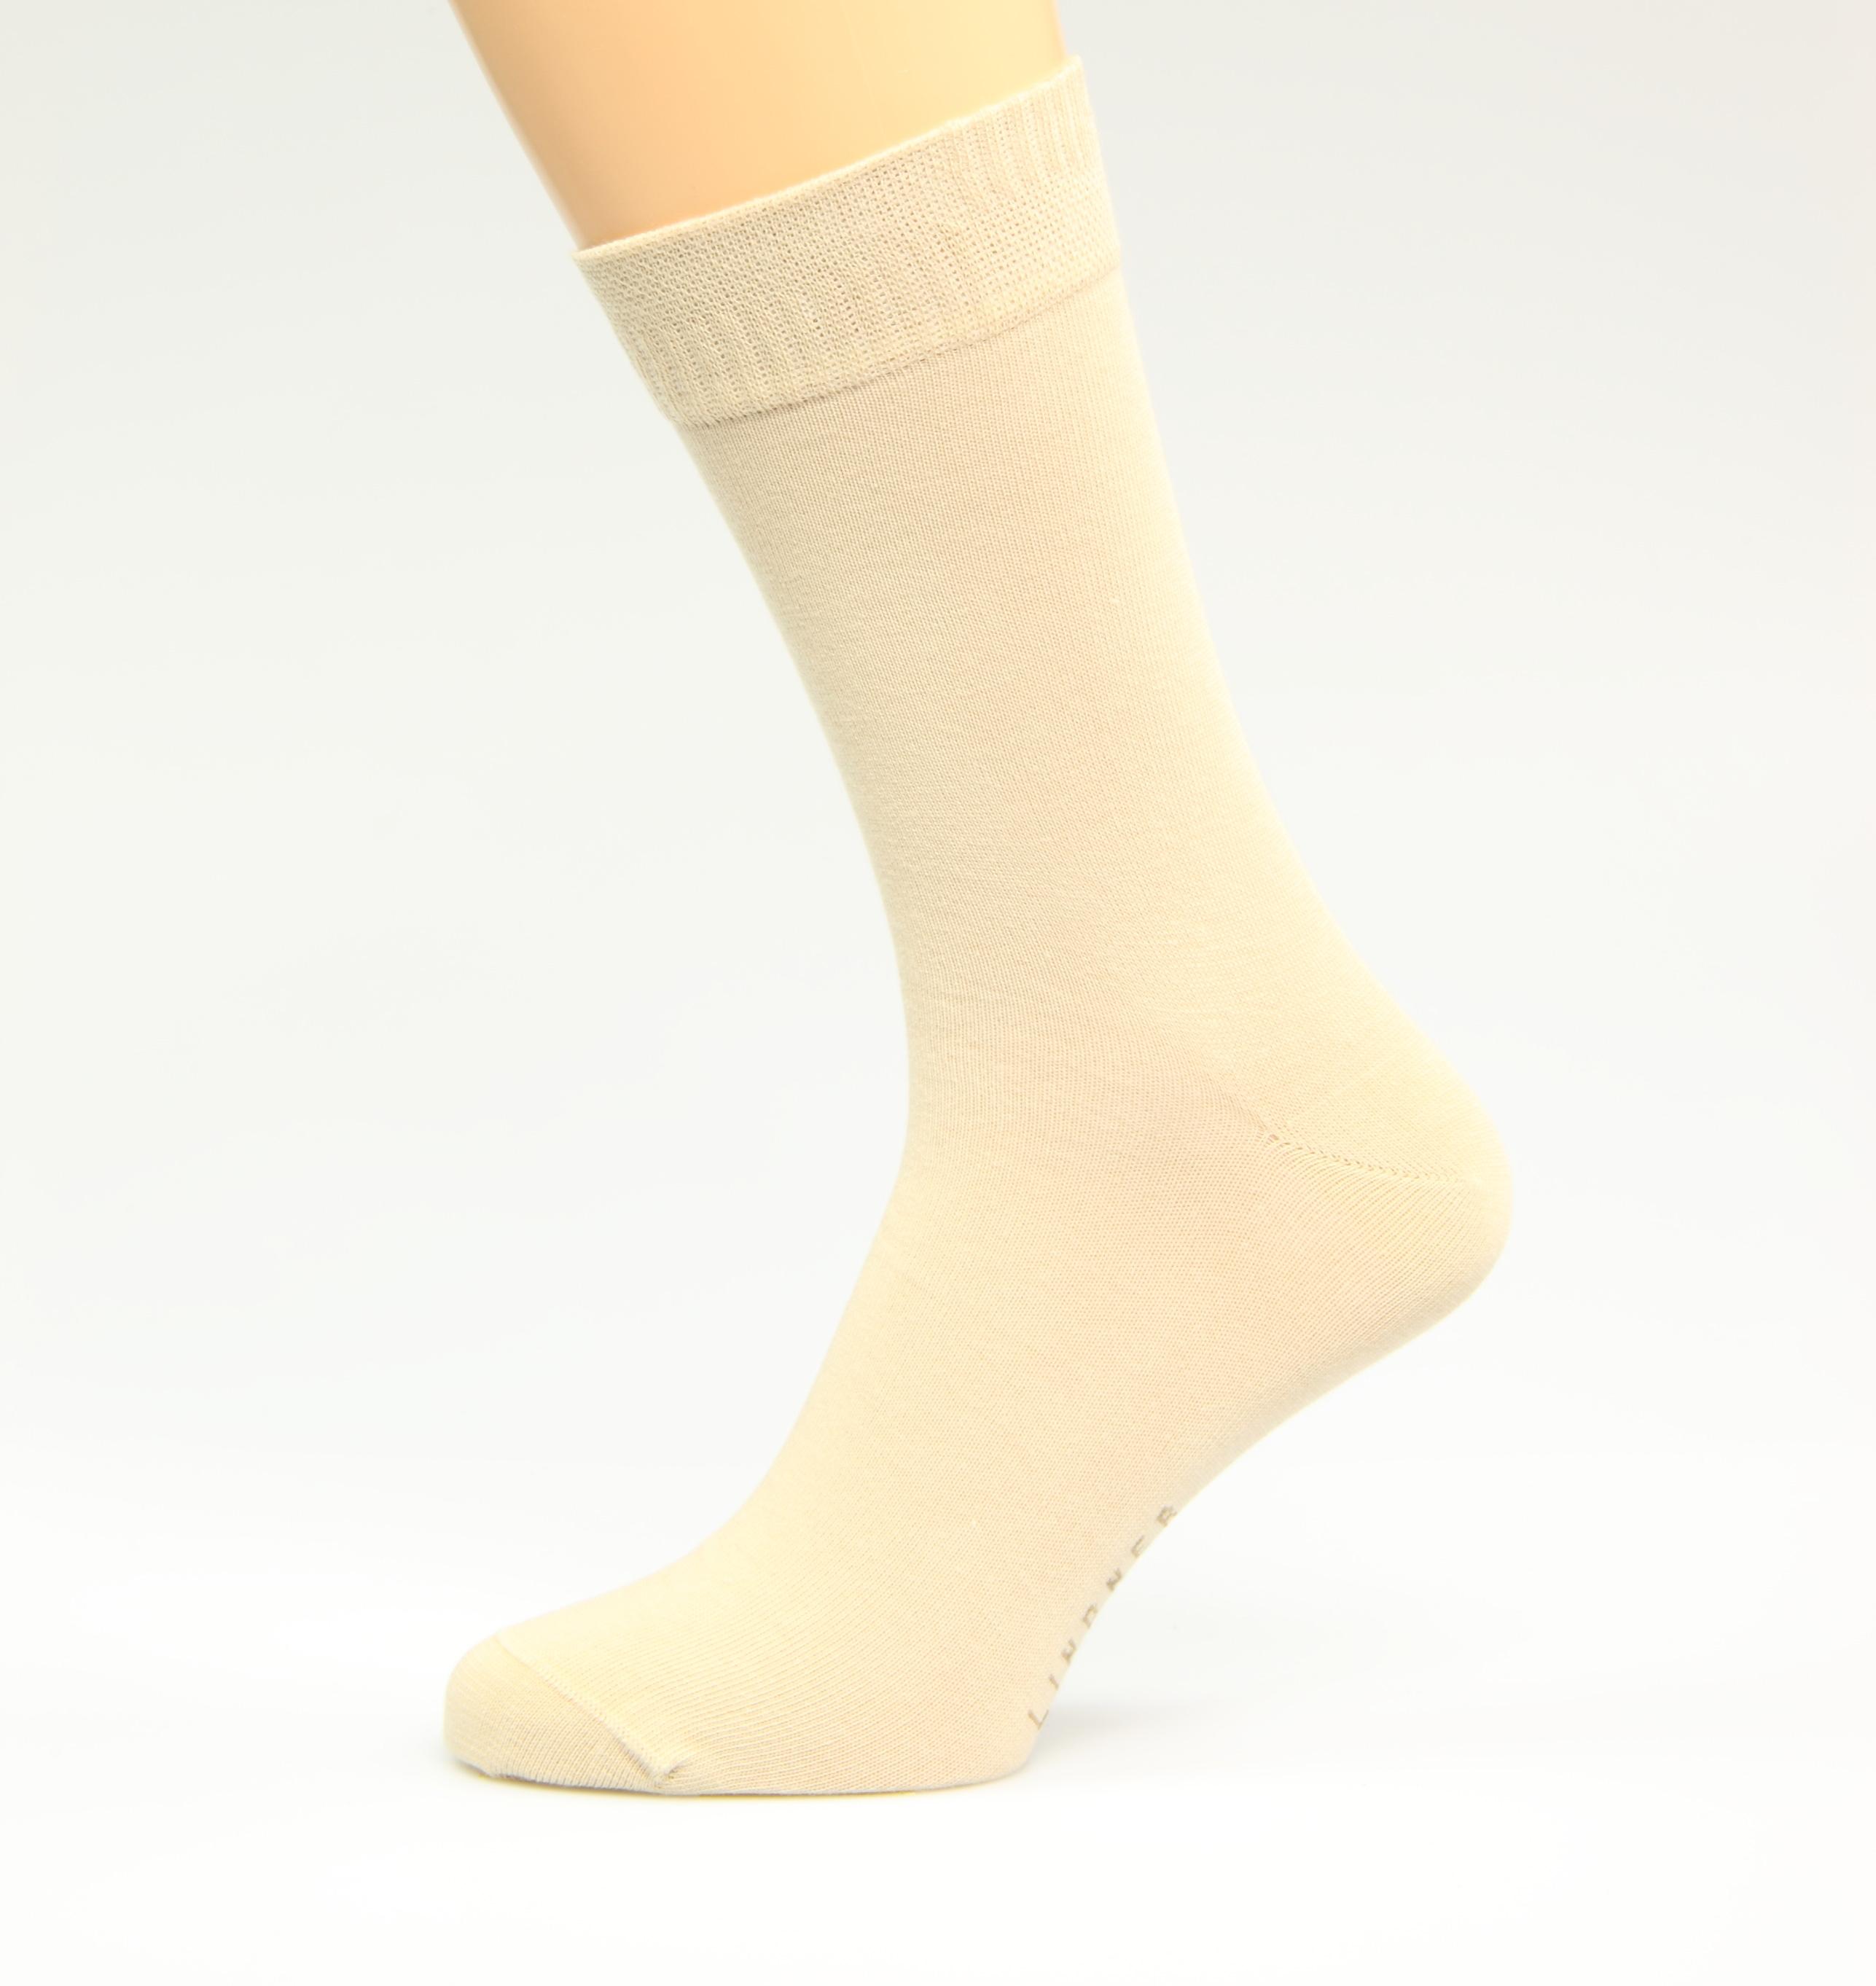 Diabetiker-Socken-beige-Gr-sse-36-38